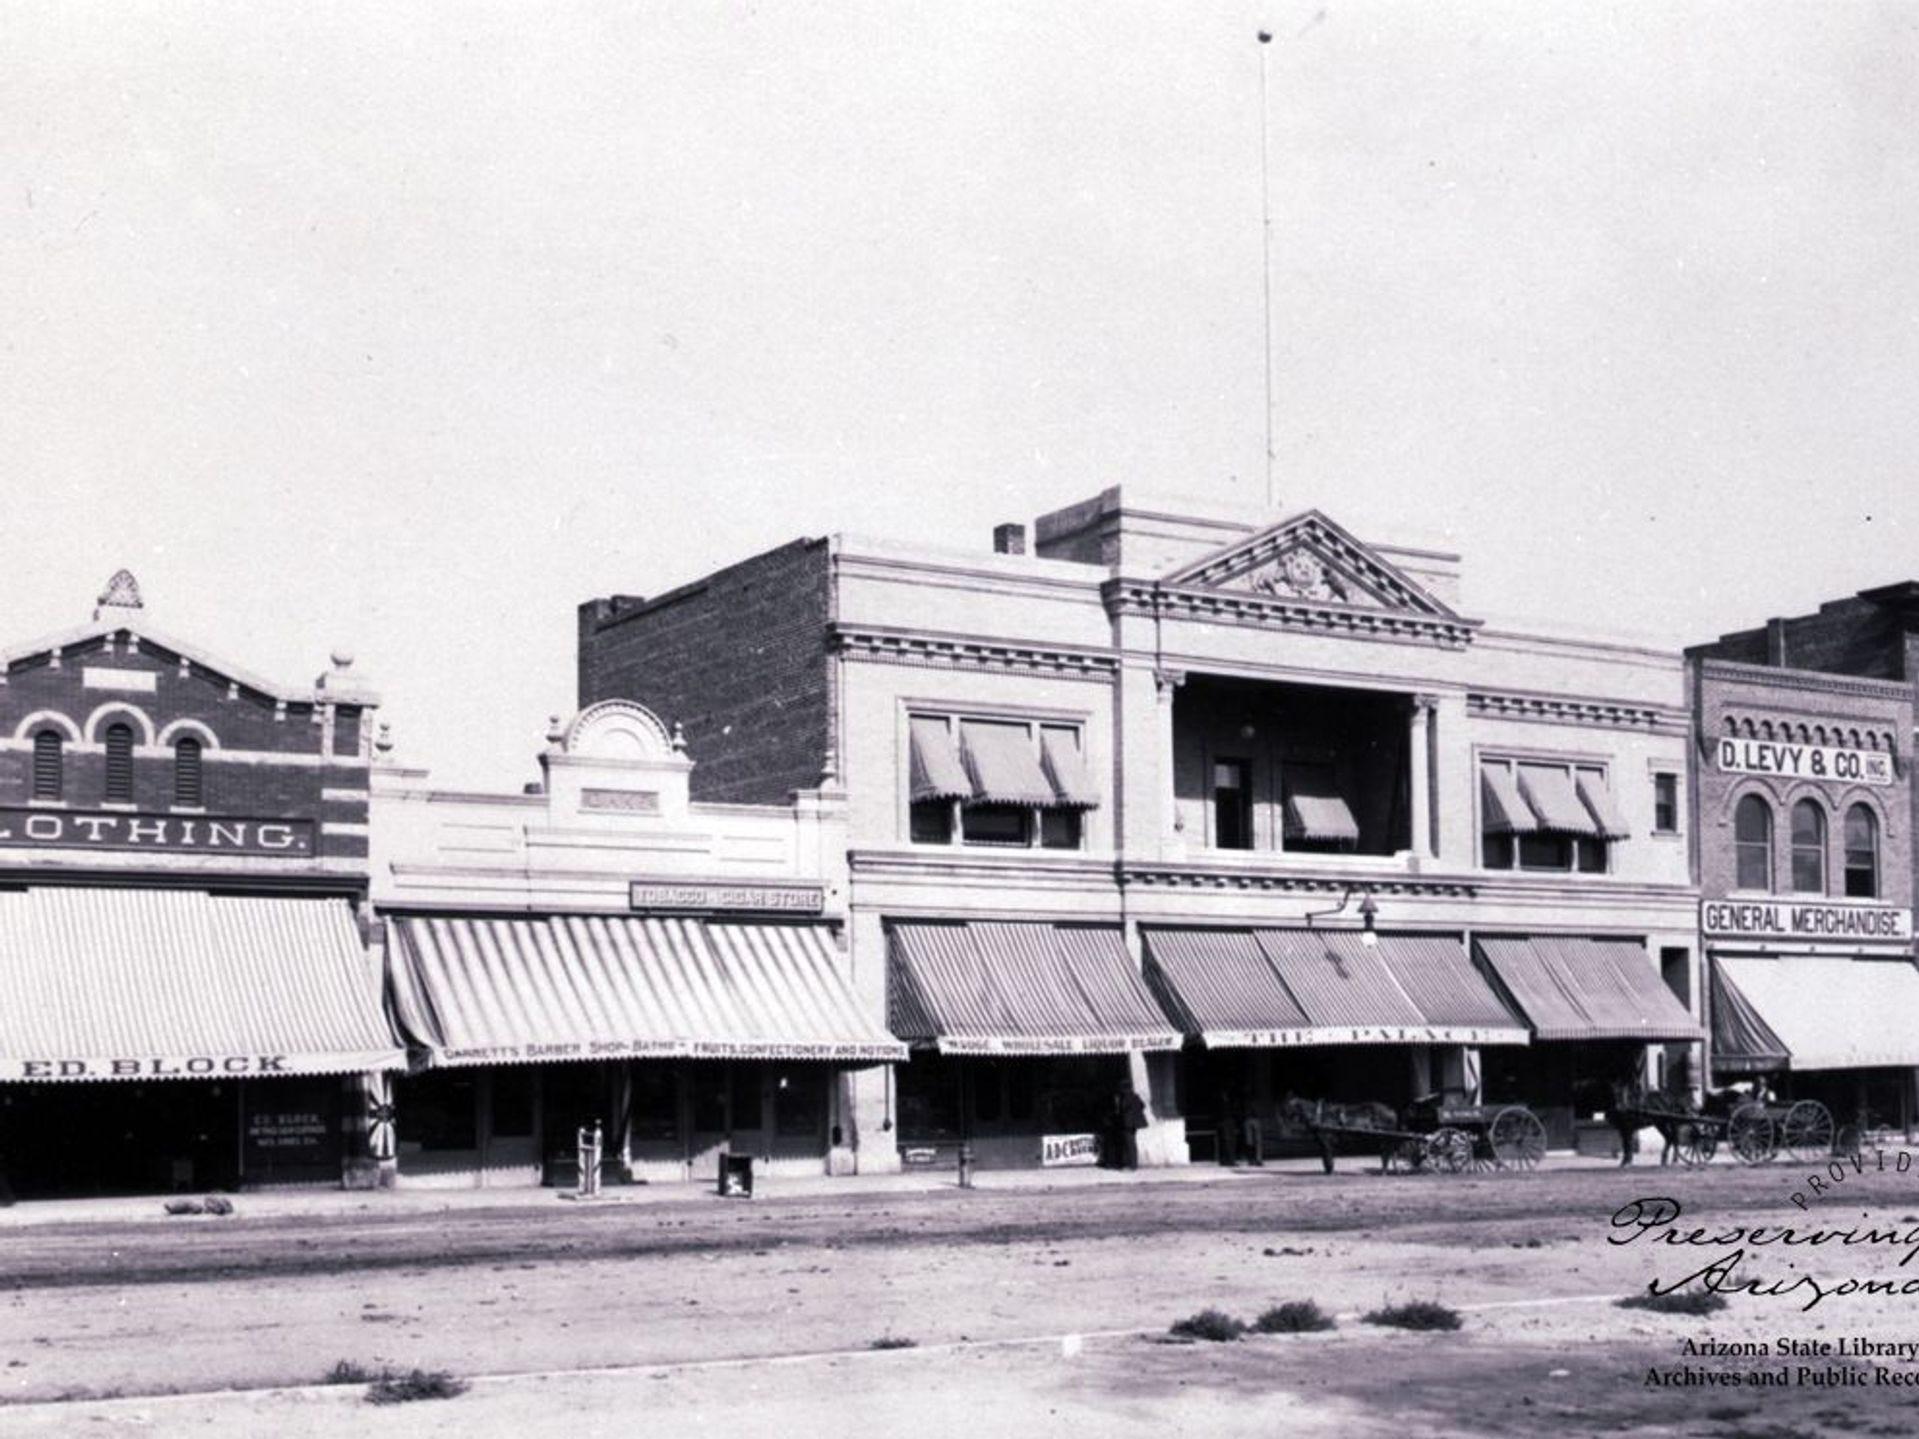 Cuando la reconstruida Whiskey Row abrió sus puertas en 1901, presentaba edificios de ladrillo y piedra resistentes al fuego. El más grande albergaba el Palace Saloon con un hotel en la planta superior.